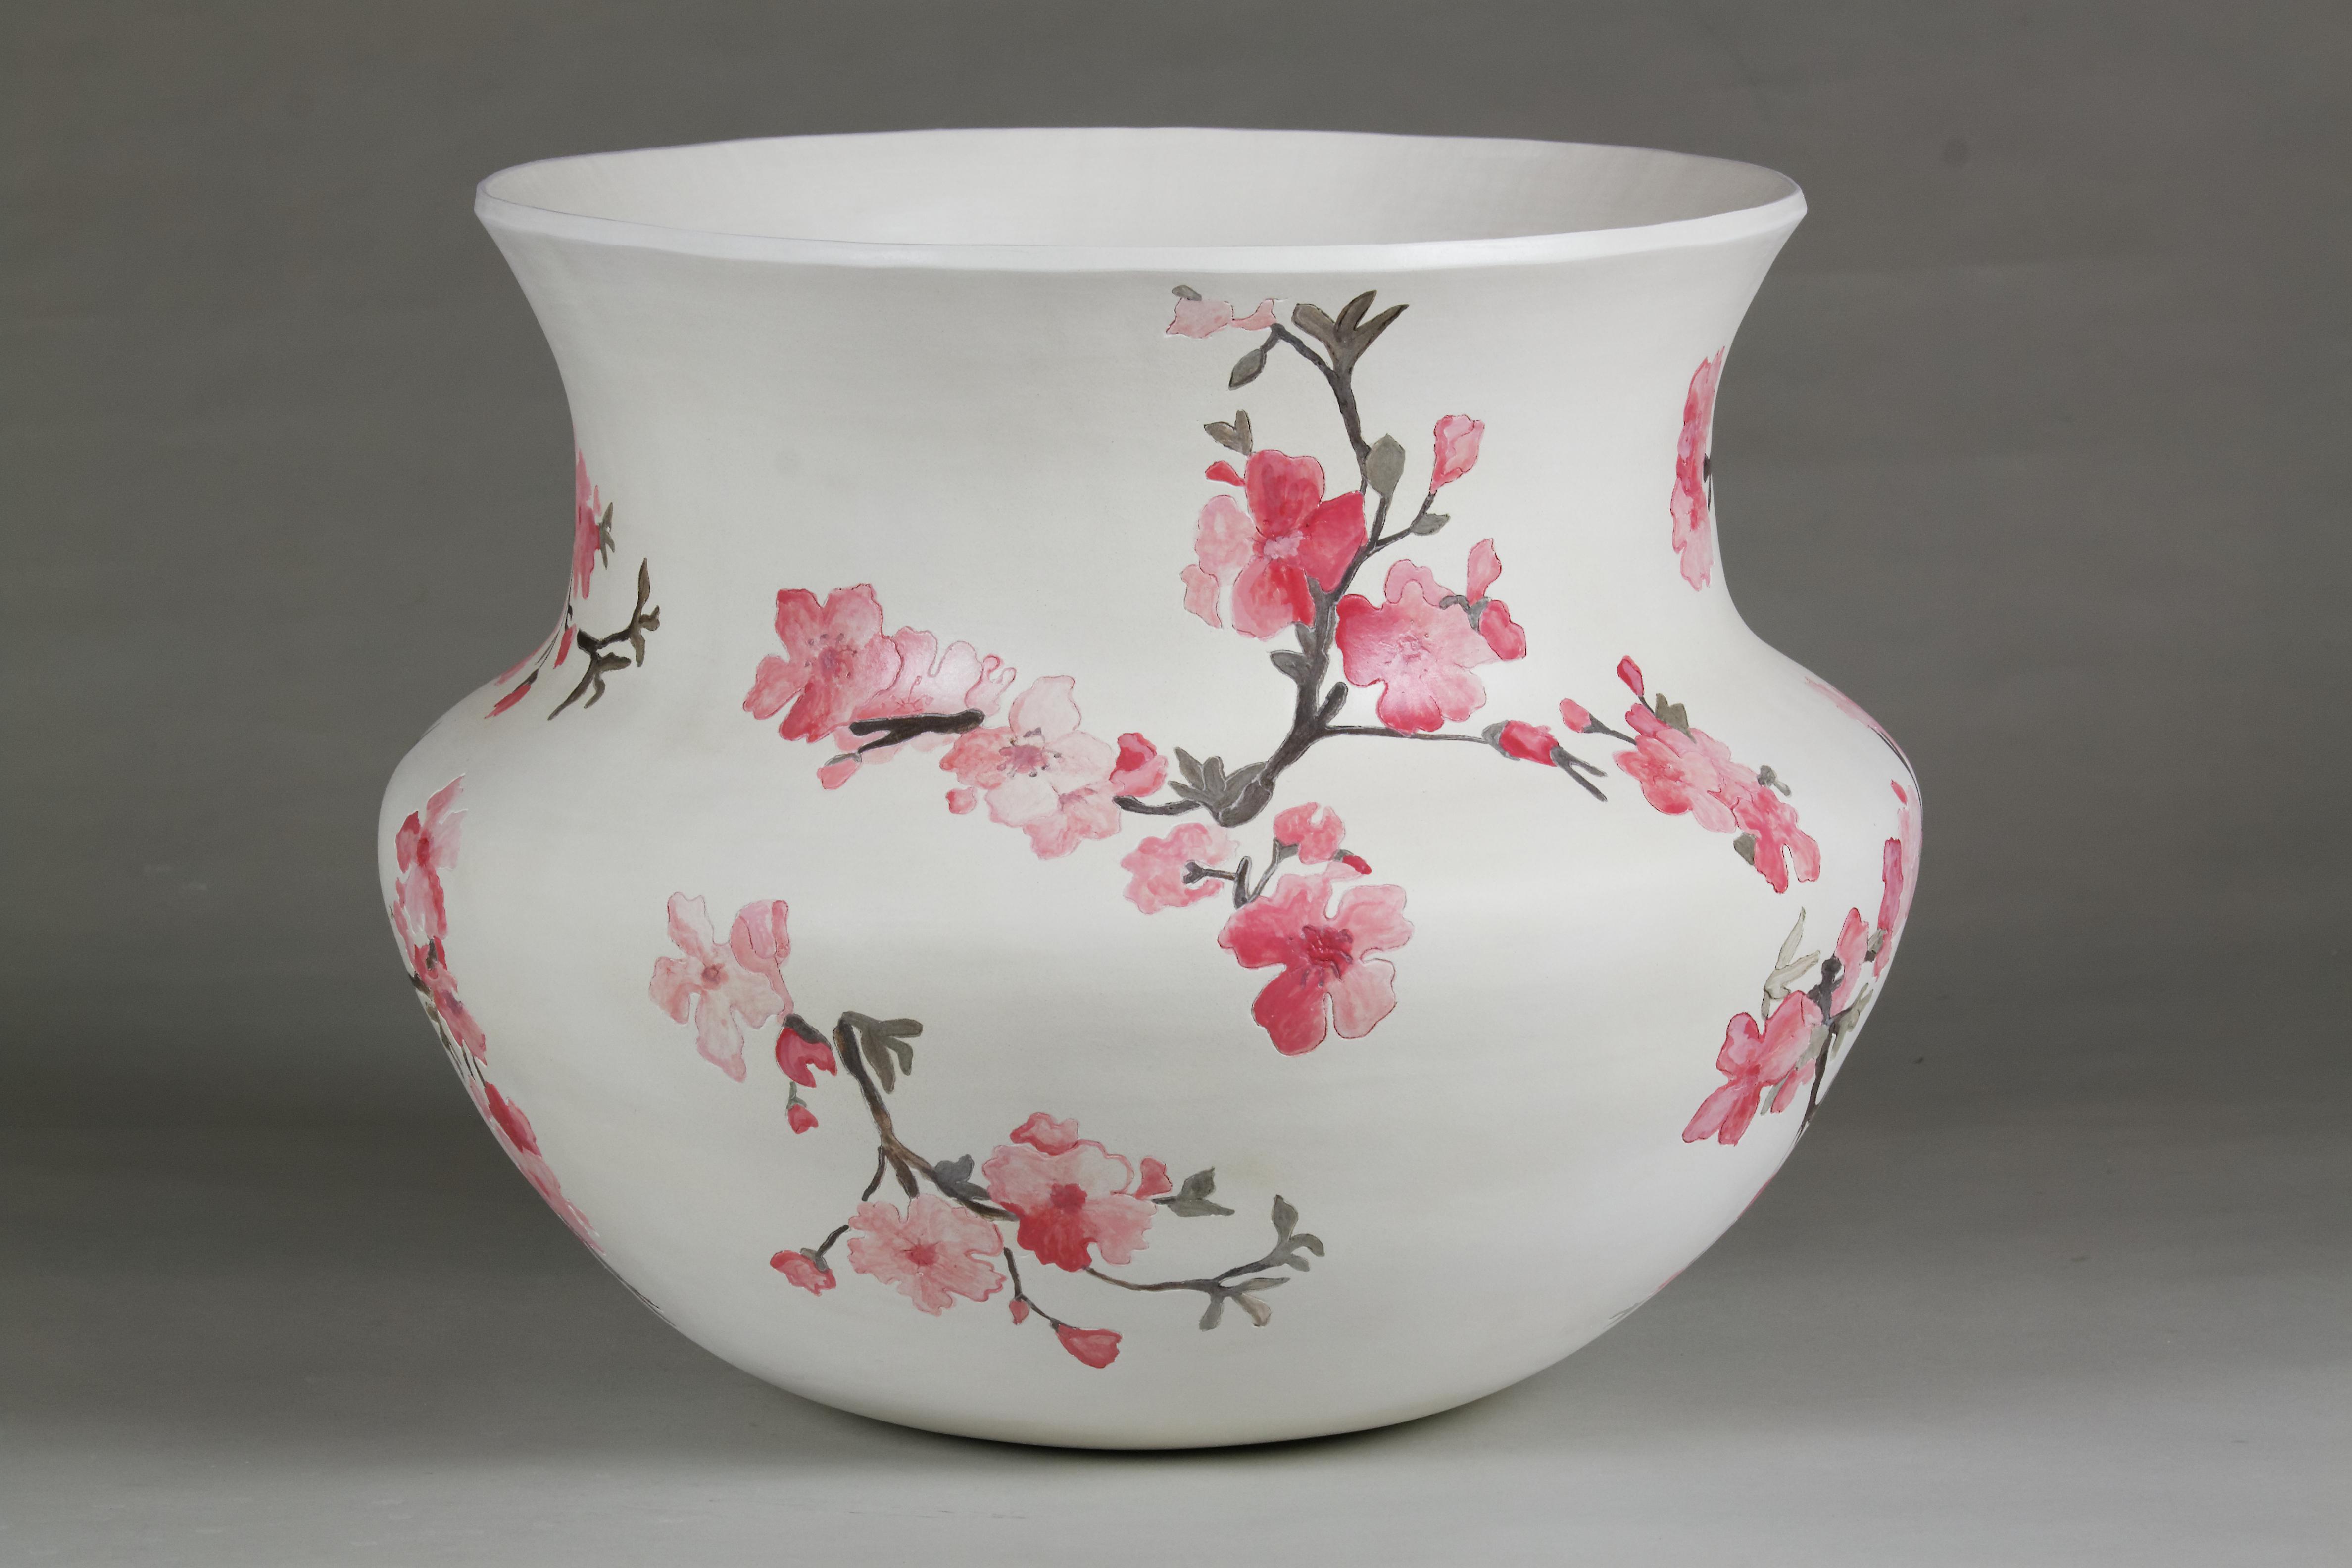 144-Cherry Blossom